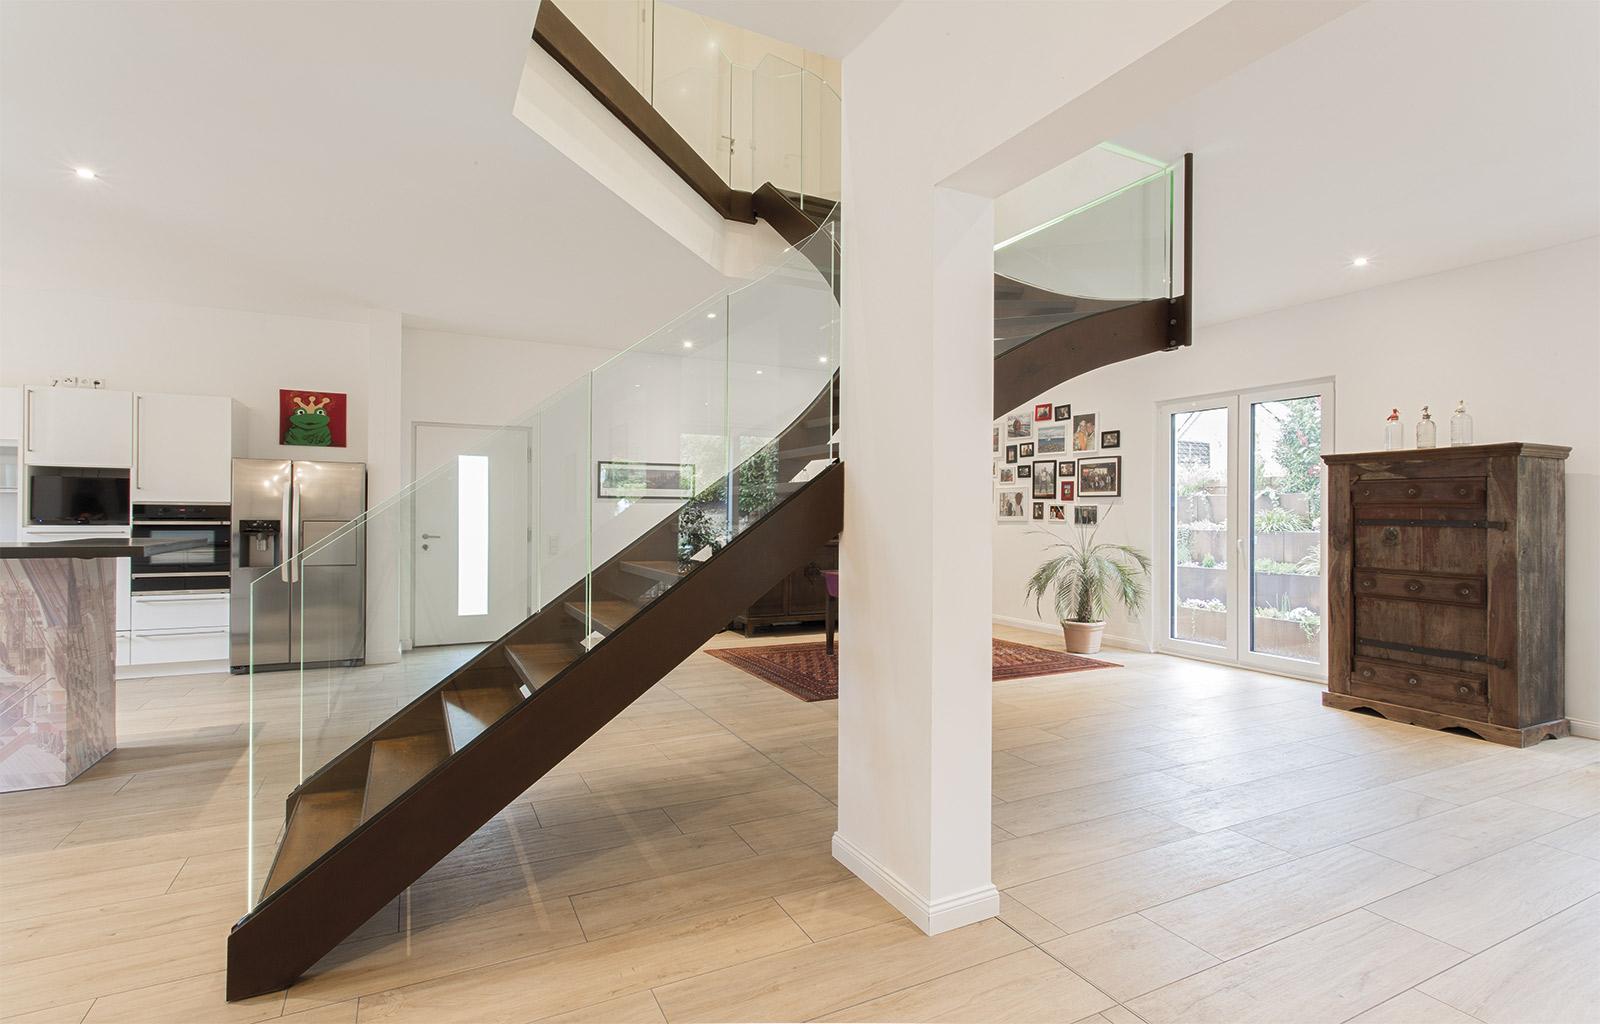 Freischwebende Treppe objekt 01 - frei schwebende treppe aus cortenstahl! - wanzenberg